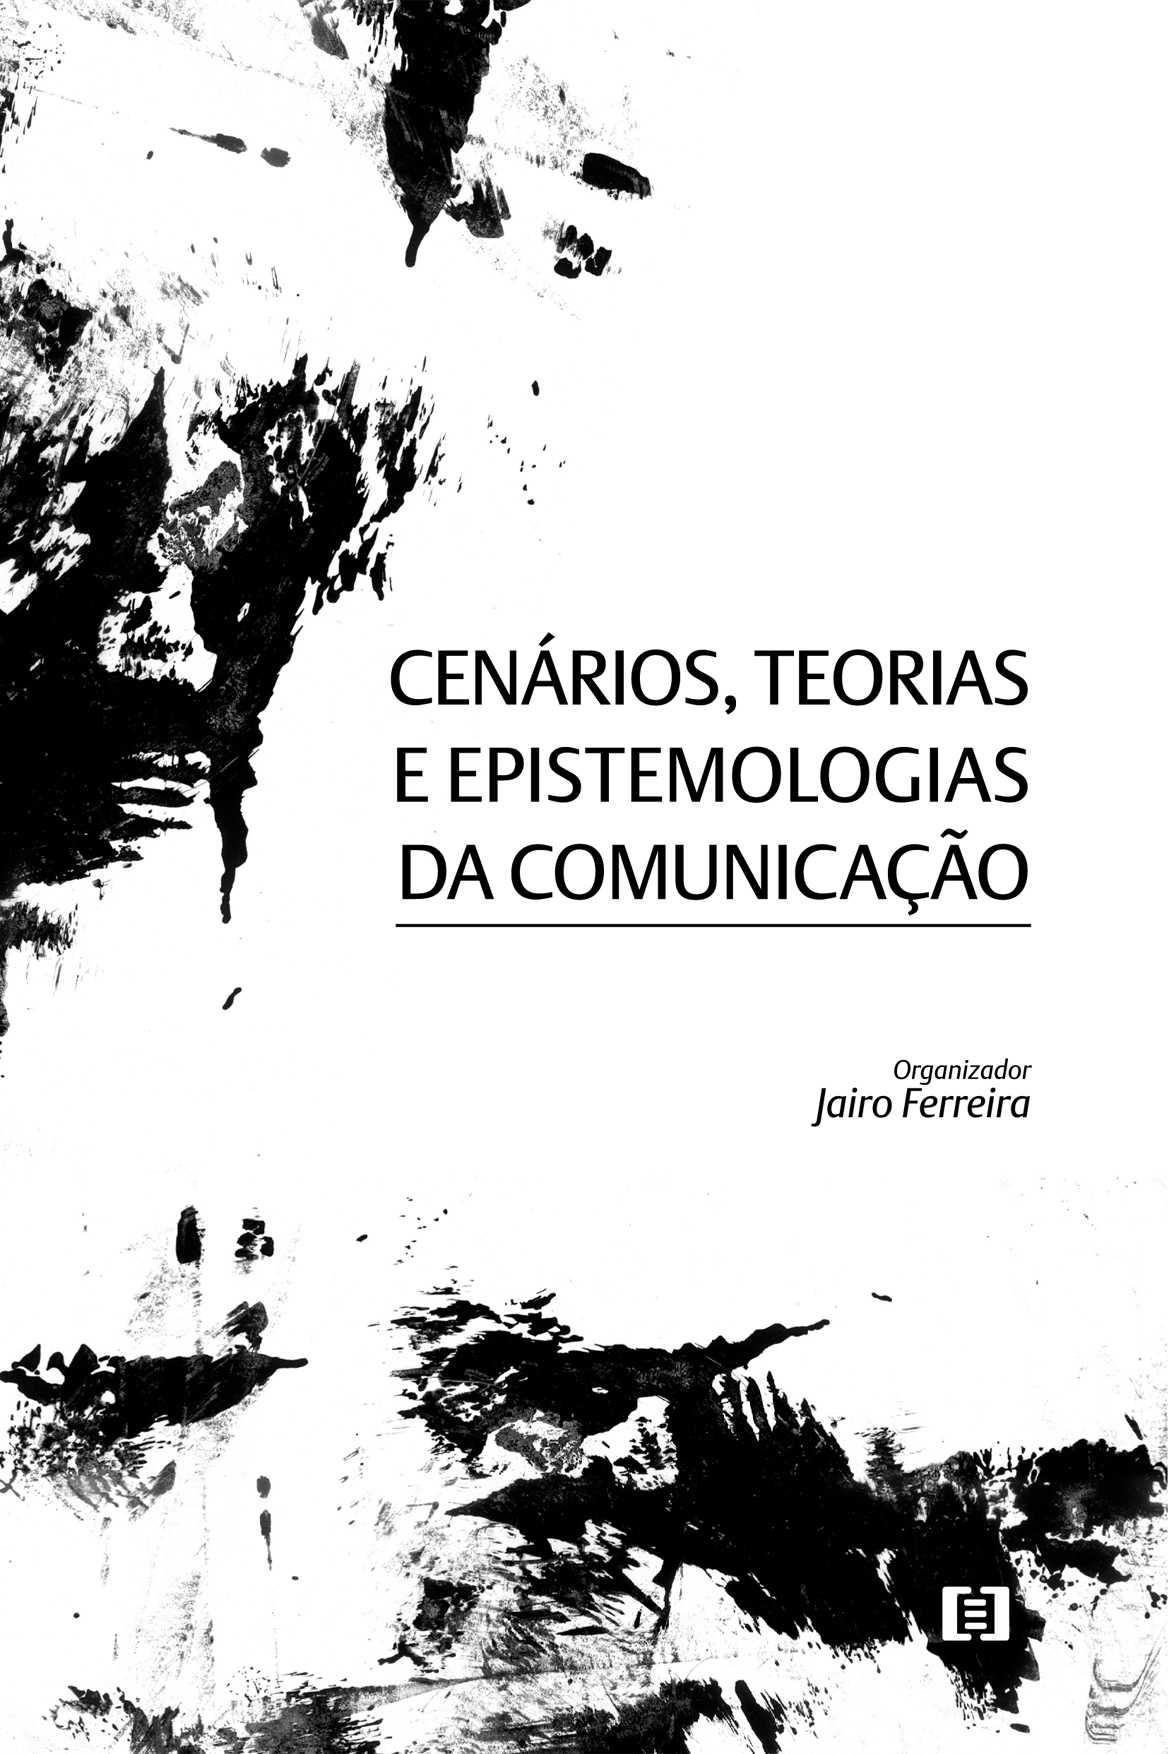 Cenários, teorias e epistemologias da comunicação